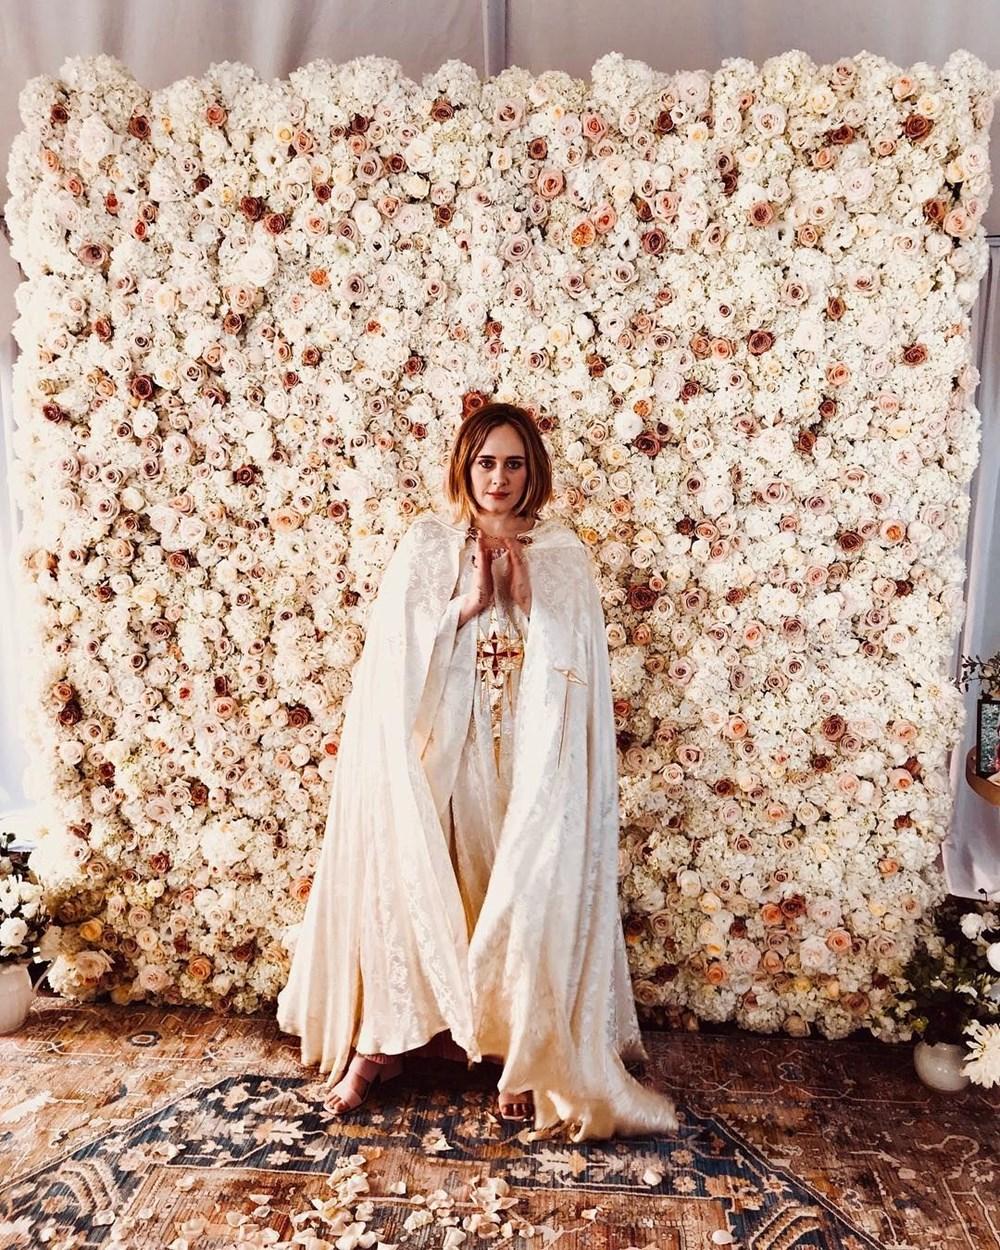 Adele'in hayatını değiştiren kitap: Untamed-Stop Pleasing, Start Living (Yabani-Memnun etmekten vazgeçin, yaşamaya başlayın) - 5